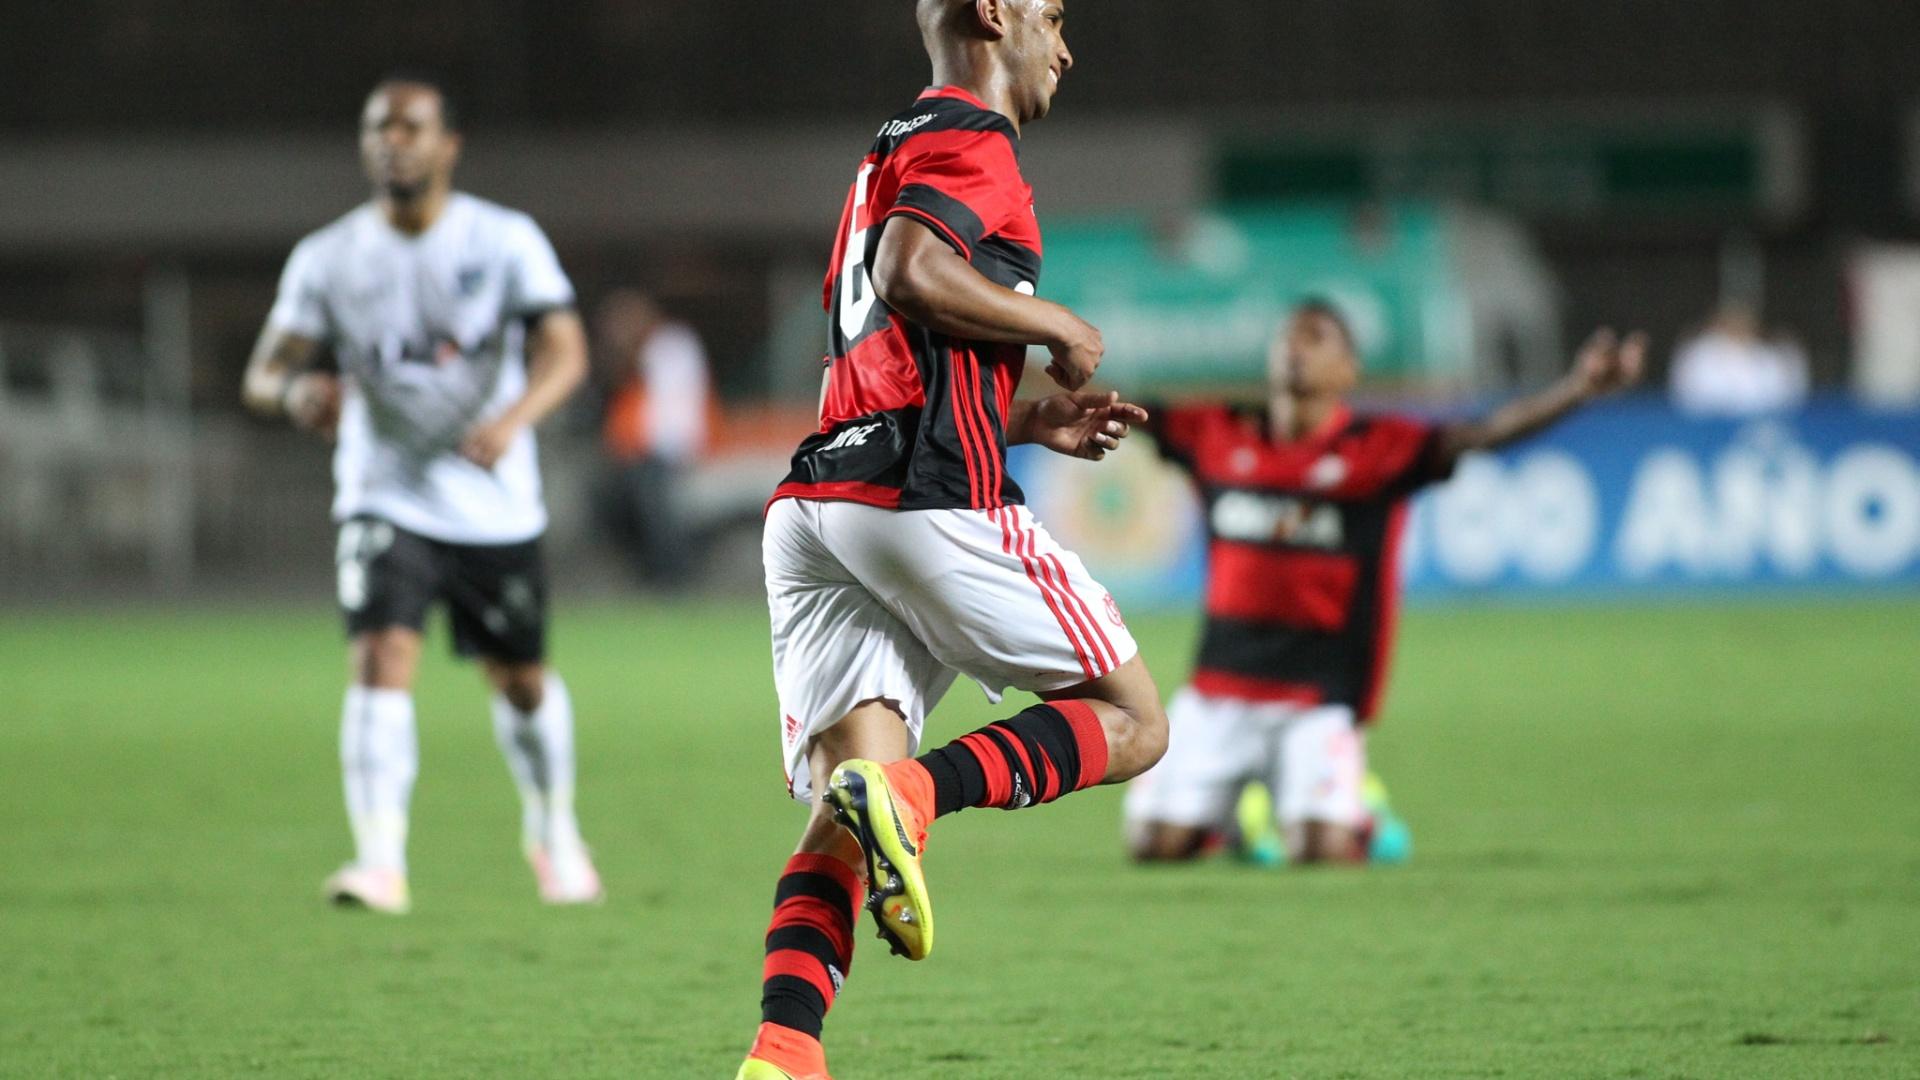 Jorge festeja gol do Flamengo diante do Figueirense pela Copa Sul-Americana